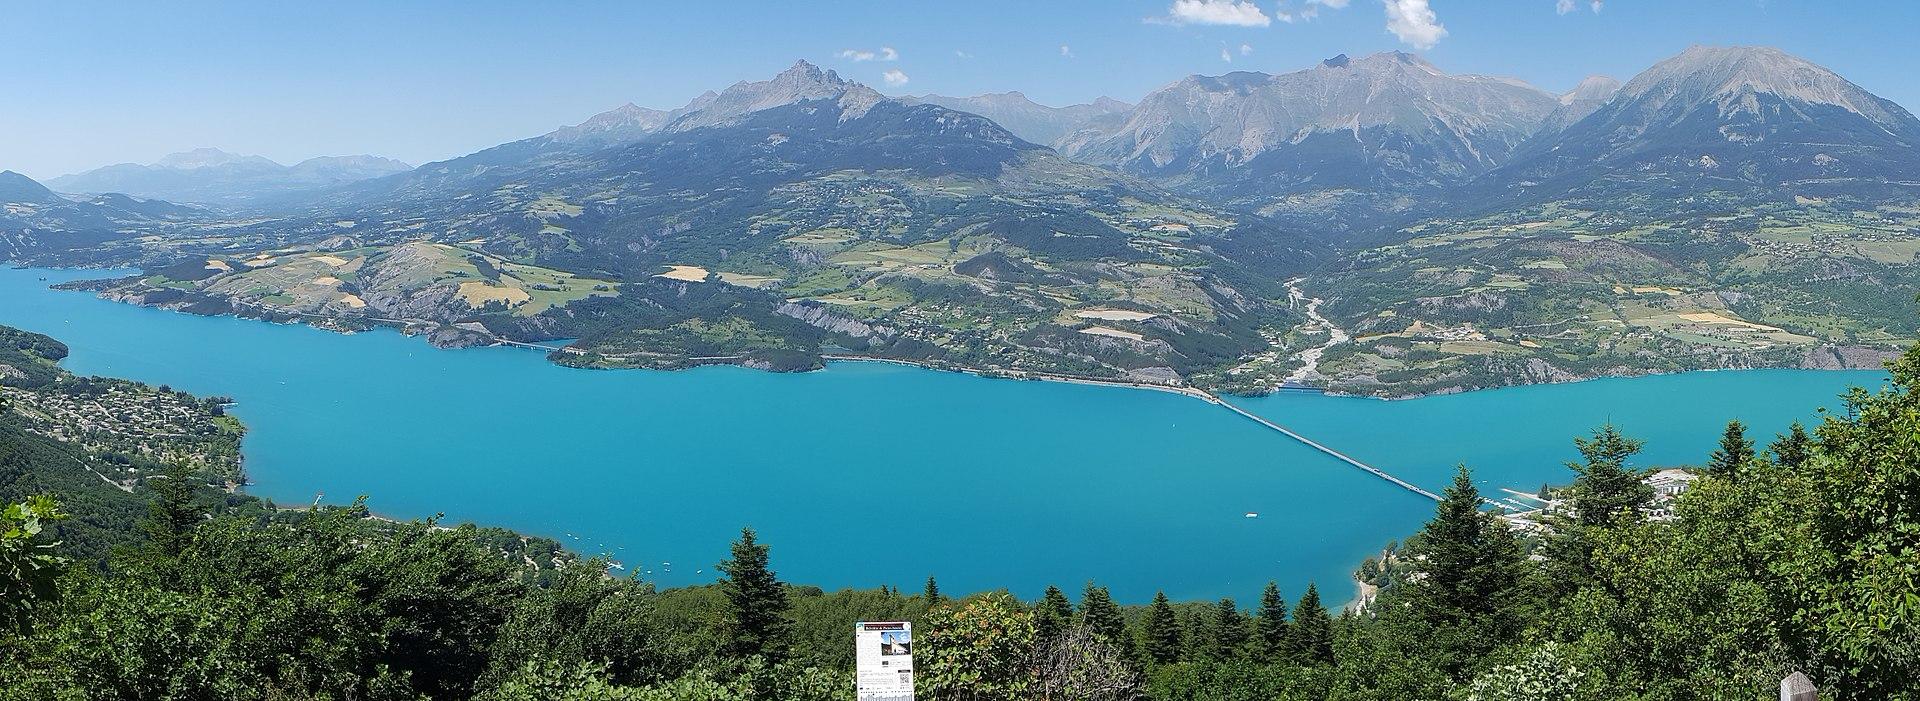 Альпийский чудо-городок Бриансон (Briançon). Ч. 2. Легкая поездка на шикарное озеро Сер-Понсон